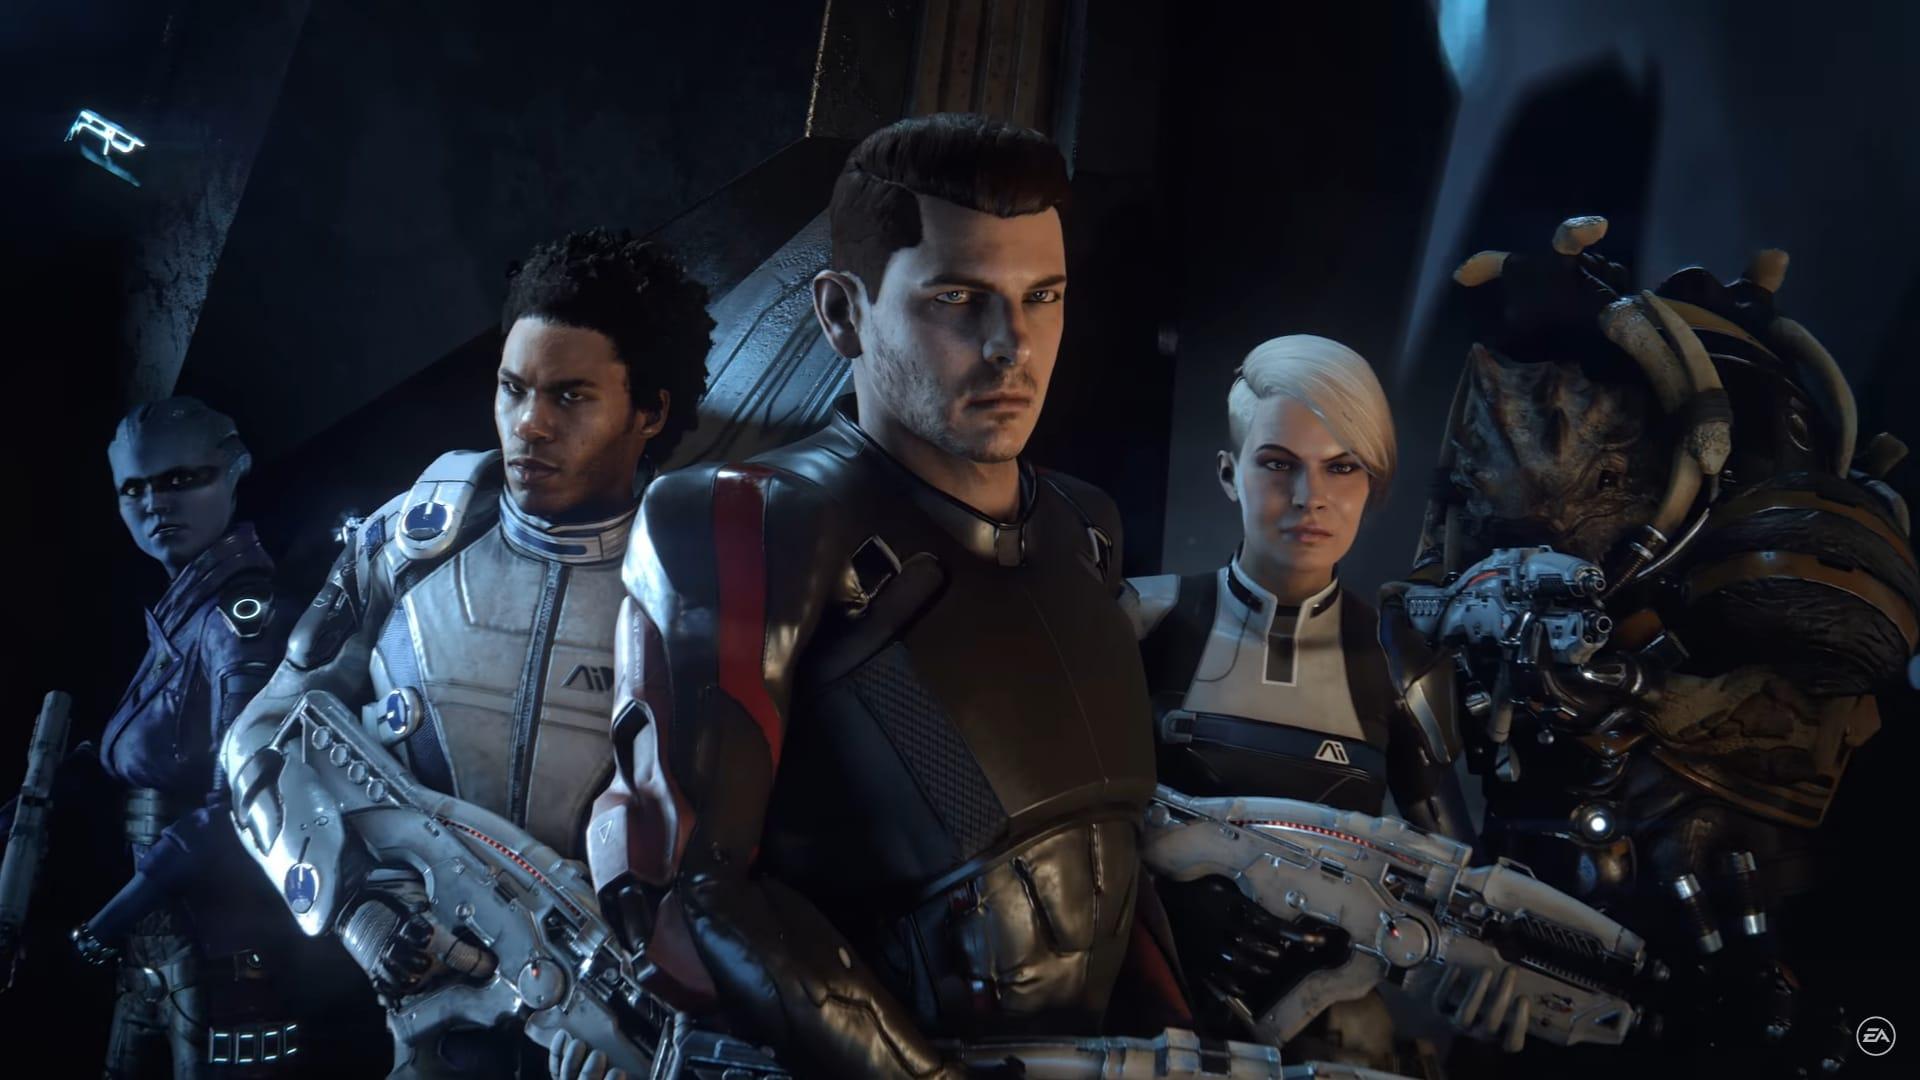 Kolla in den nya Mass Effect-trailern!